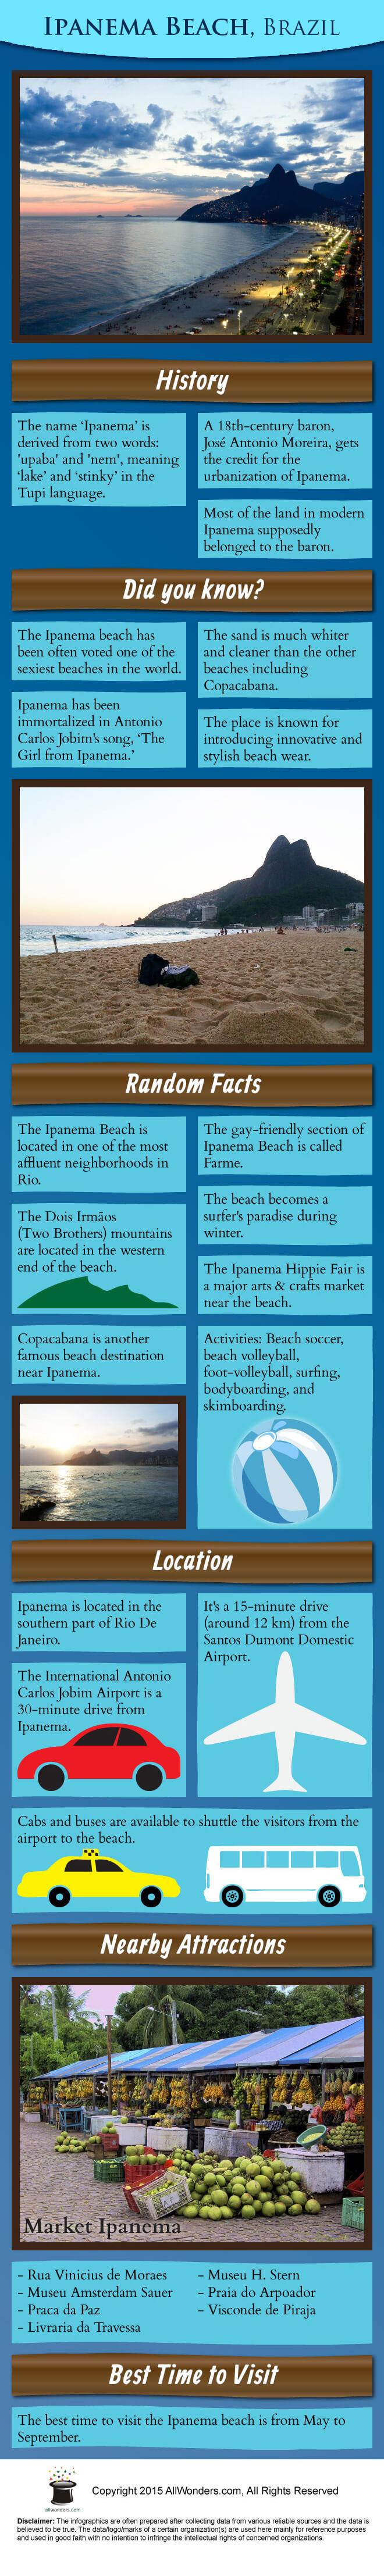 Ipanema Beach Infographic